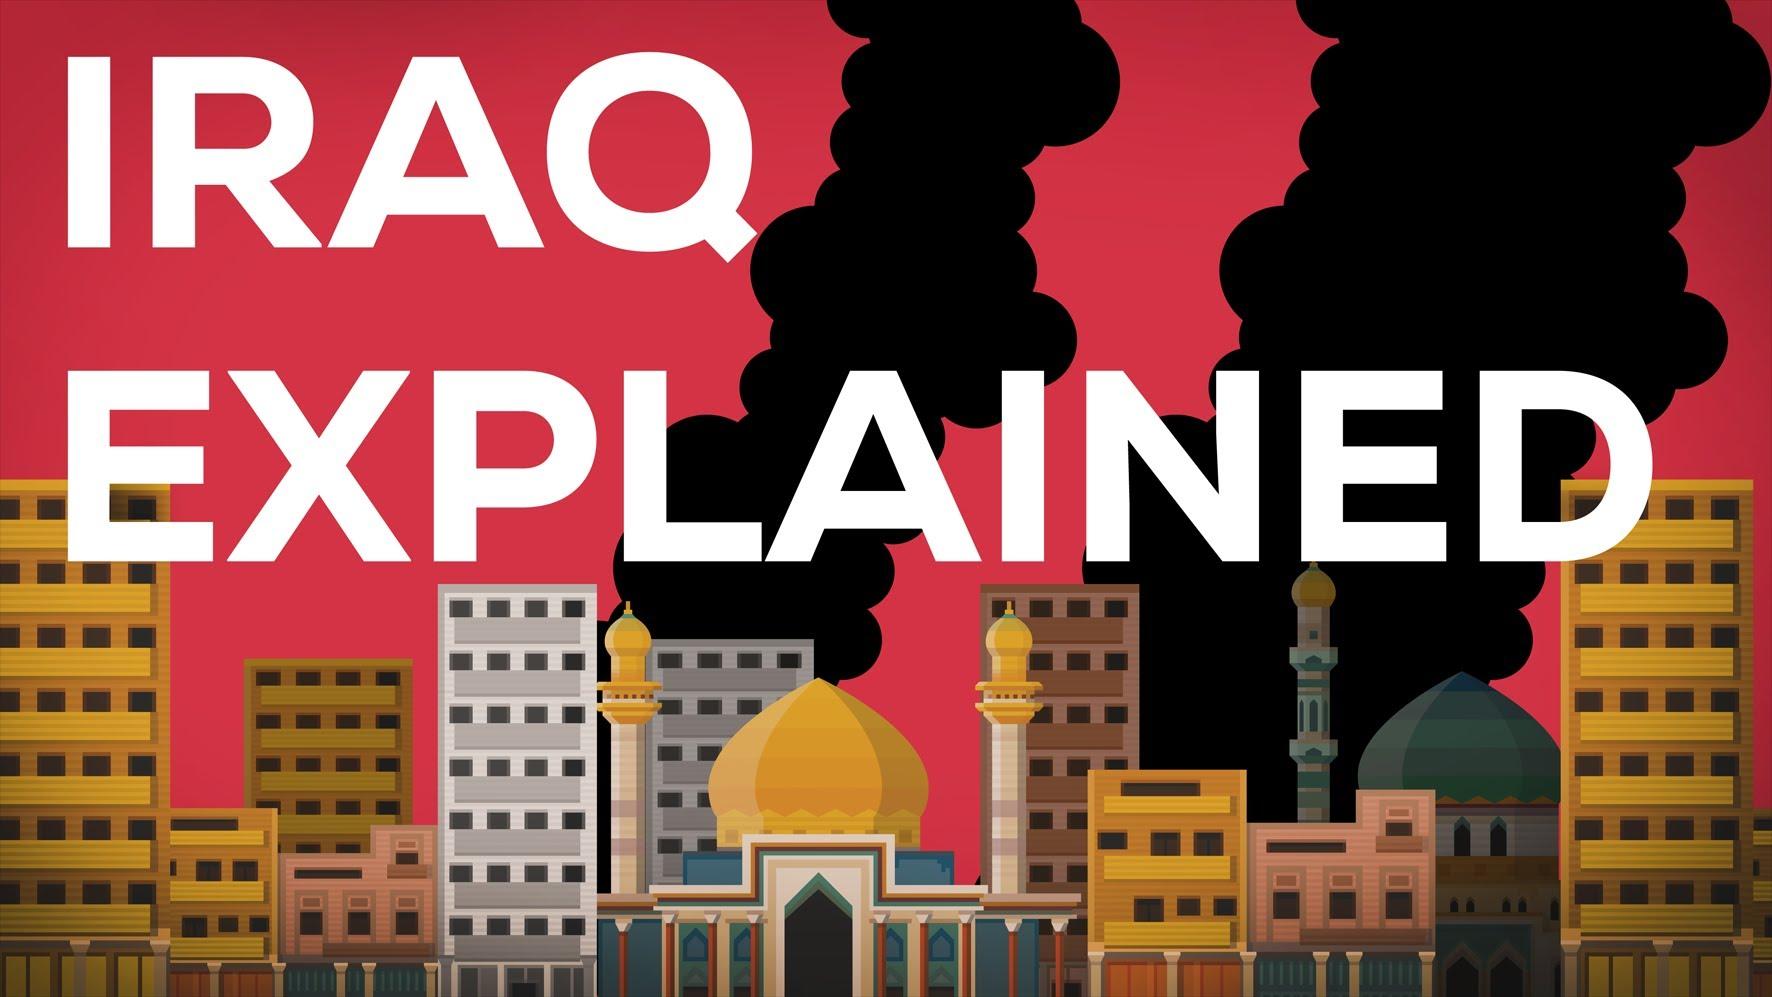 「伊拉克危機簡史:ISIS、敘利亞、與戰爭」- Iraq Explained: ISIS, Syria and War